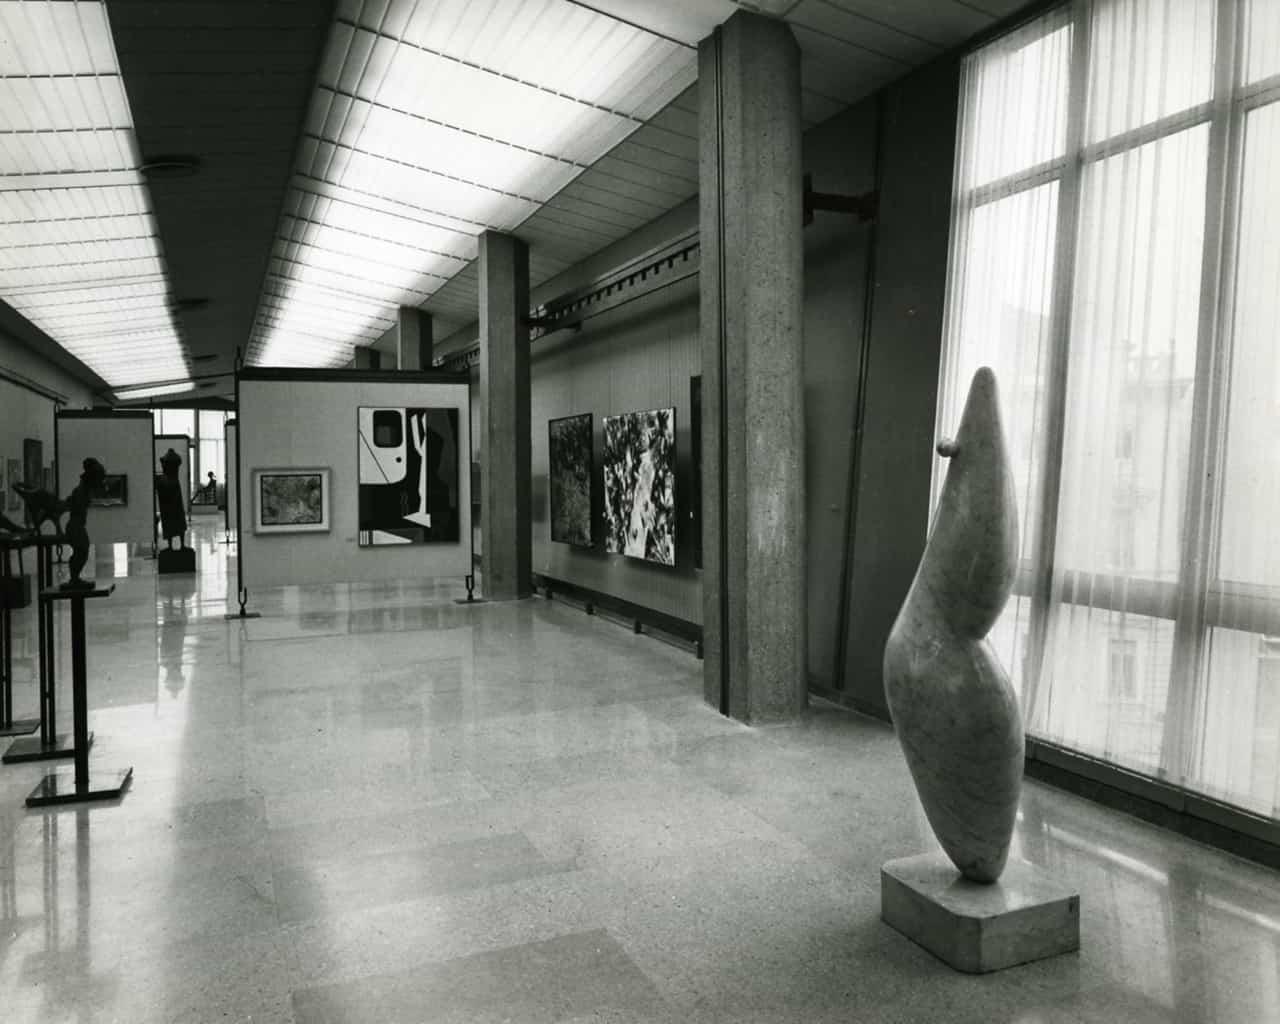 galleria arte moderna gam di torino